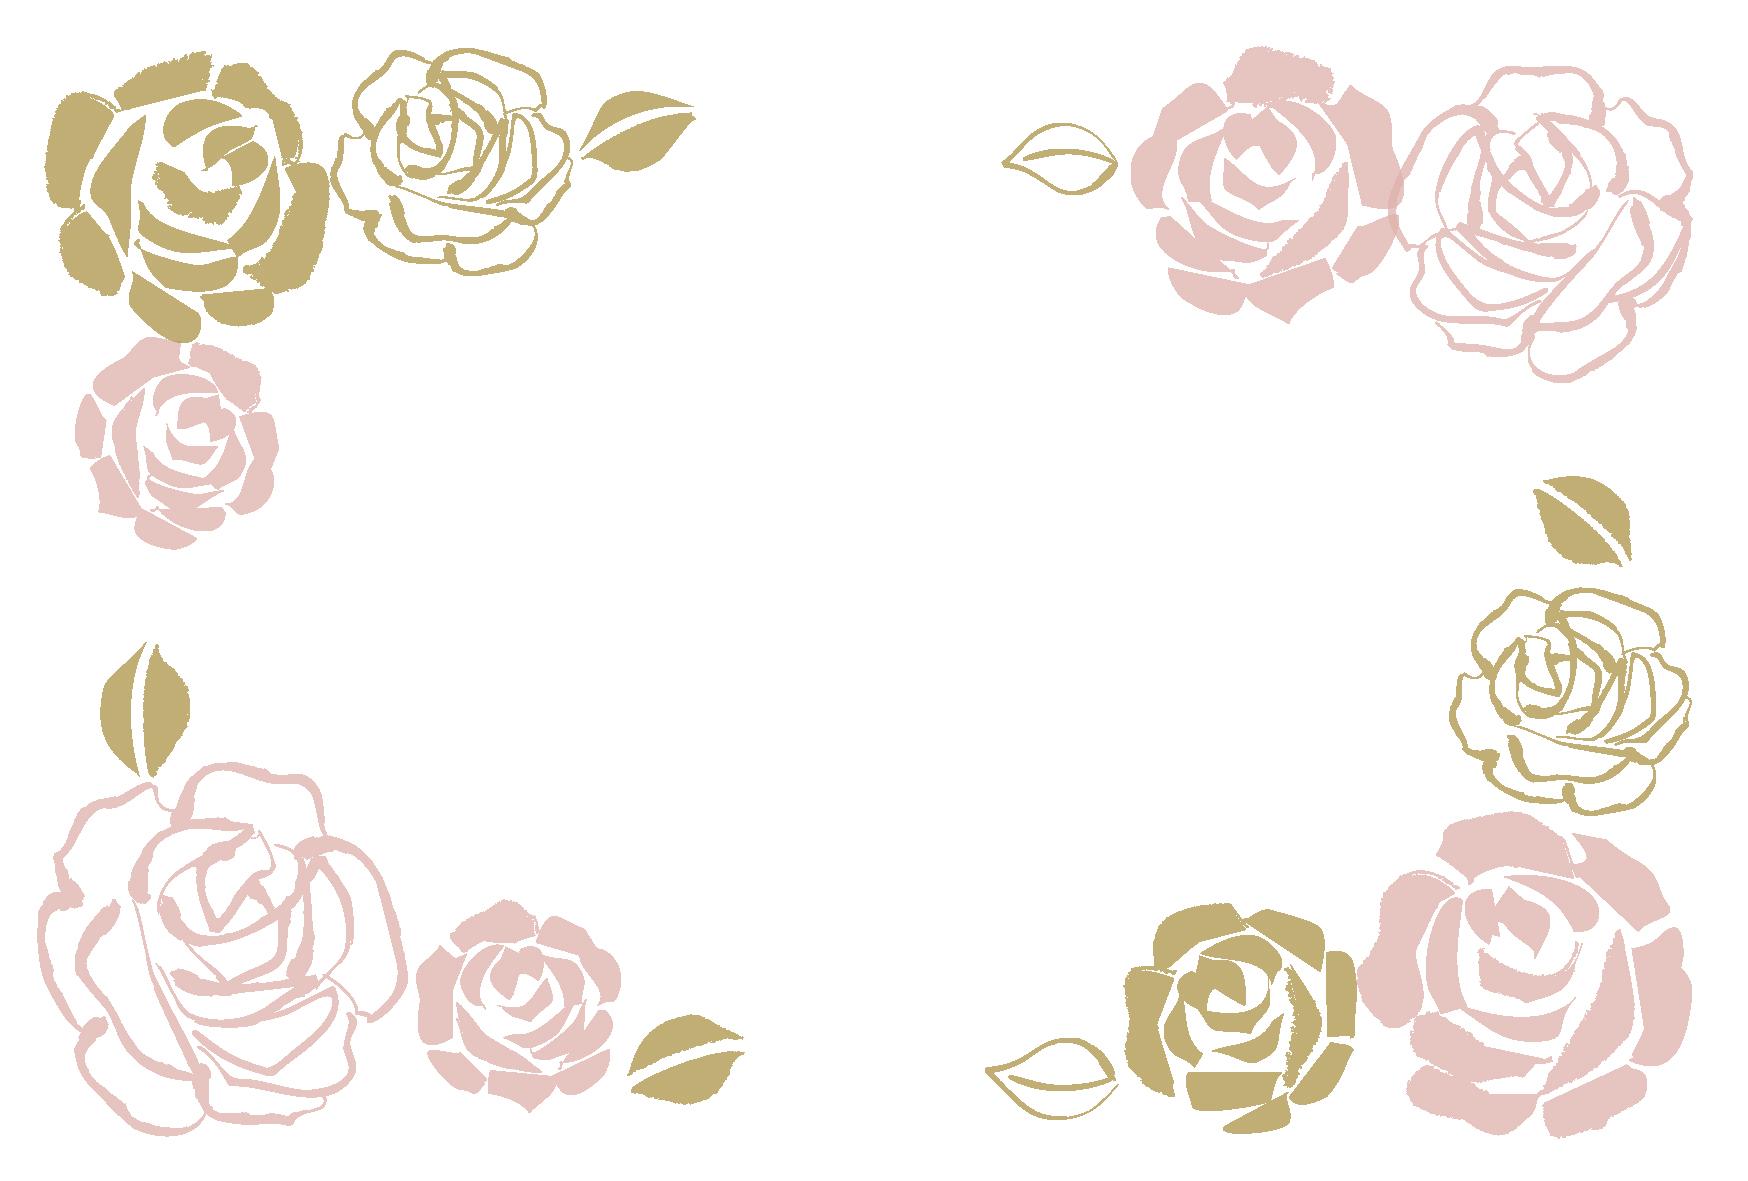 ウェディング・バラの飾り枠-ダウンロード|かわいい無料イラスト 印刷